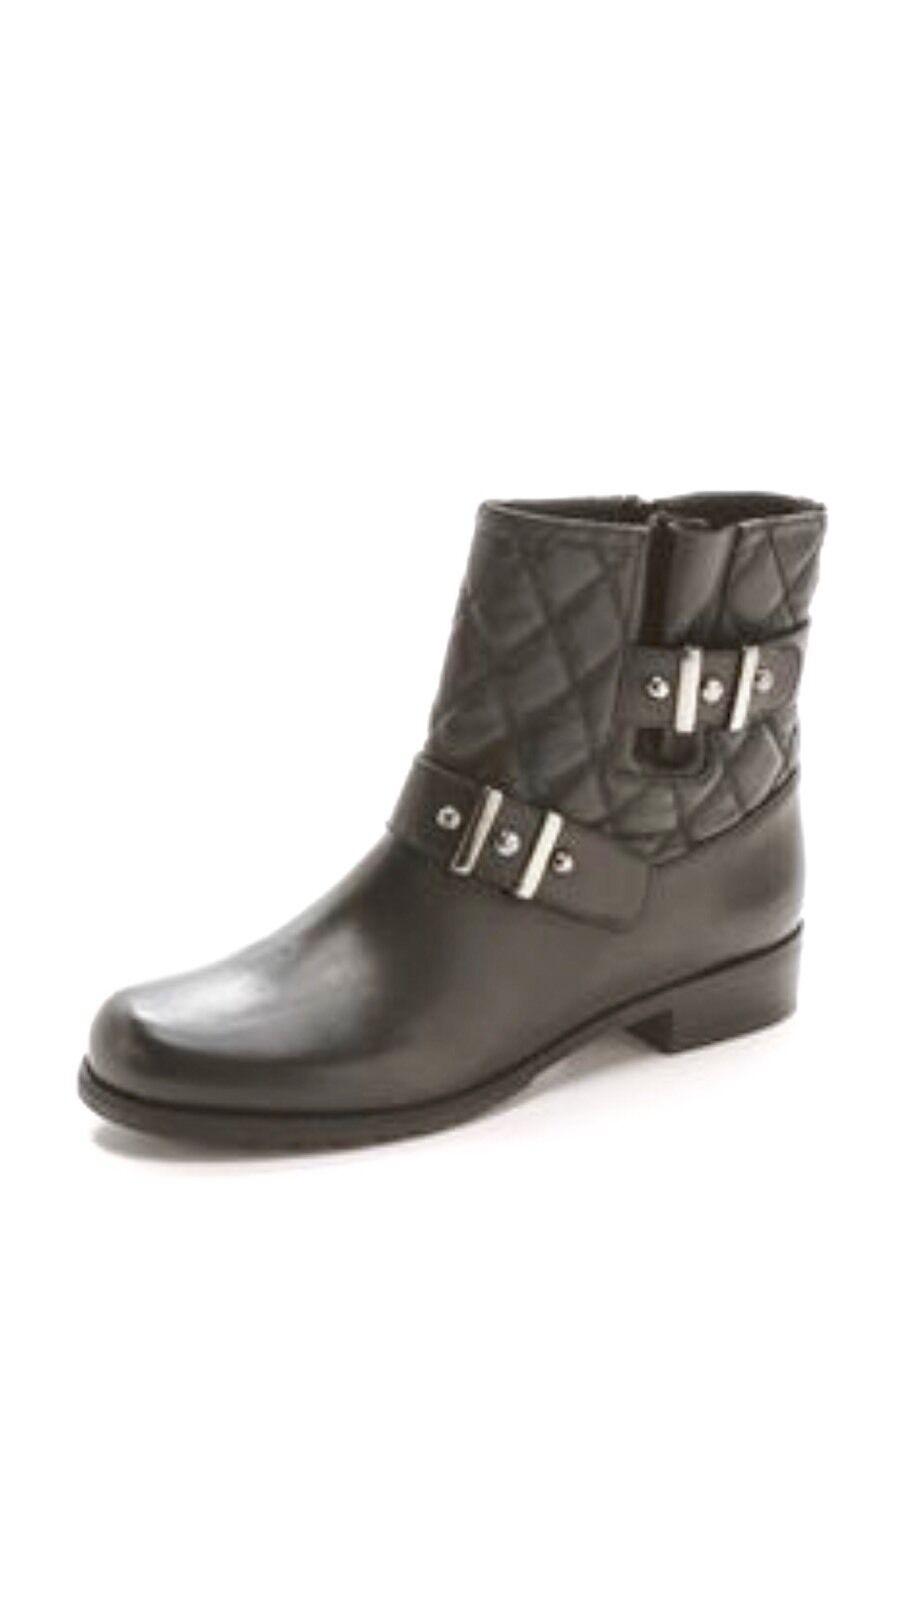 senza esitazione! acquista ora! Stuart Weitzman Download nero Nappa Nappa Nappa Leather avvioies Dimensione 8  vendita calda online